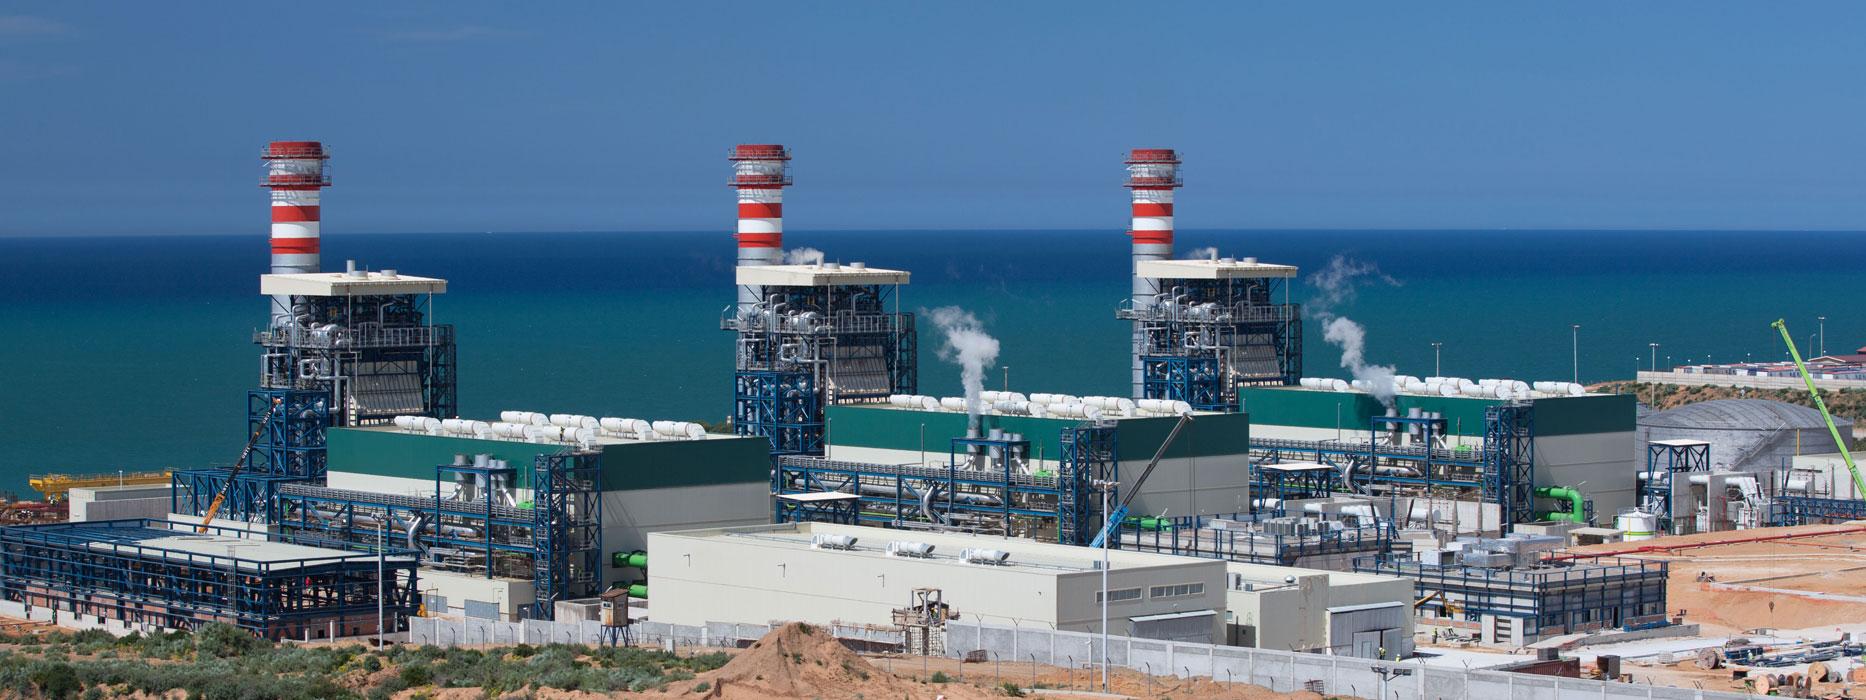 Central de Ciclo Combinado Koudiet - 1200 MW. Montaje de equipos y tuberías del BOP